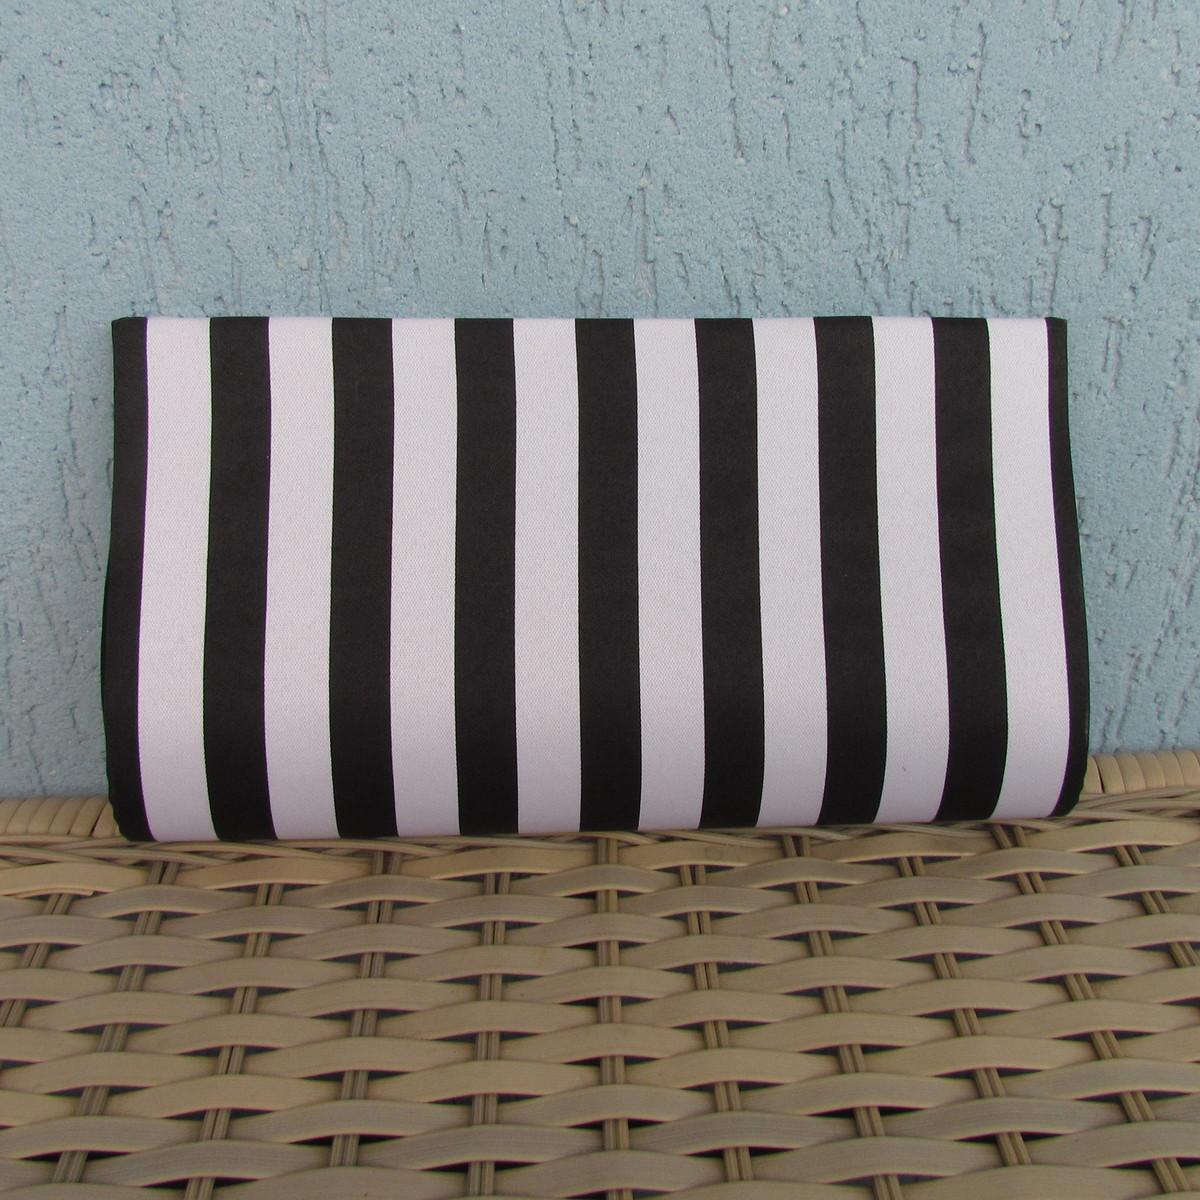 Bolsa Listrada Preta E Branca : Clutch listrada preta e branca magias de mulher elo